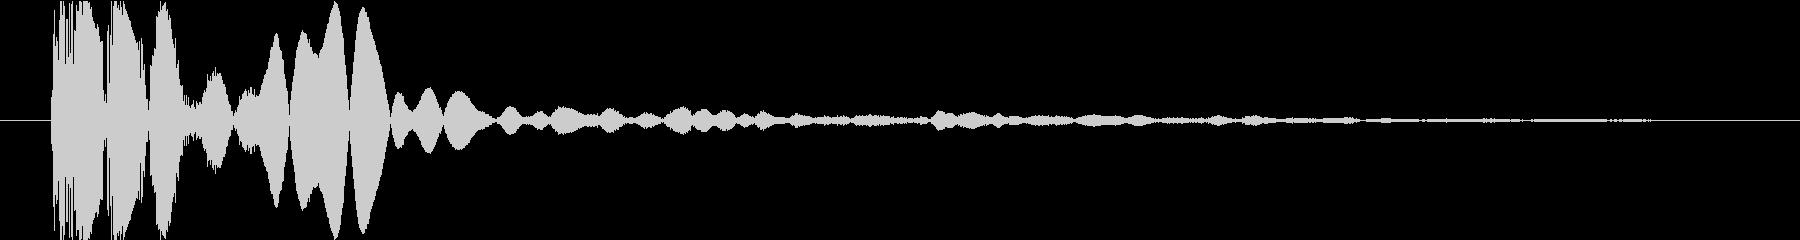 電子ドラムヒットの未再生の波形